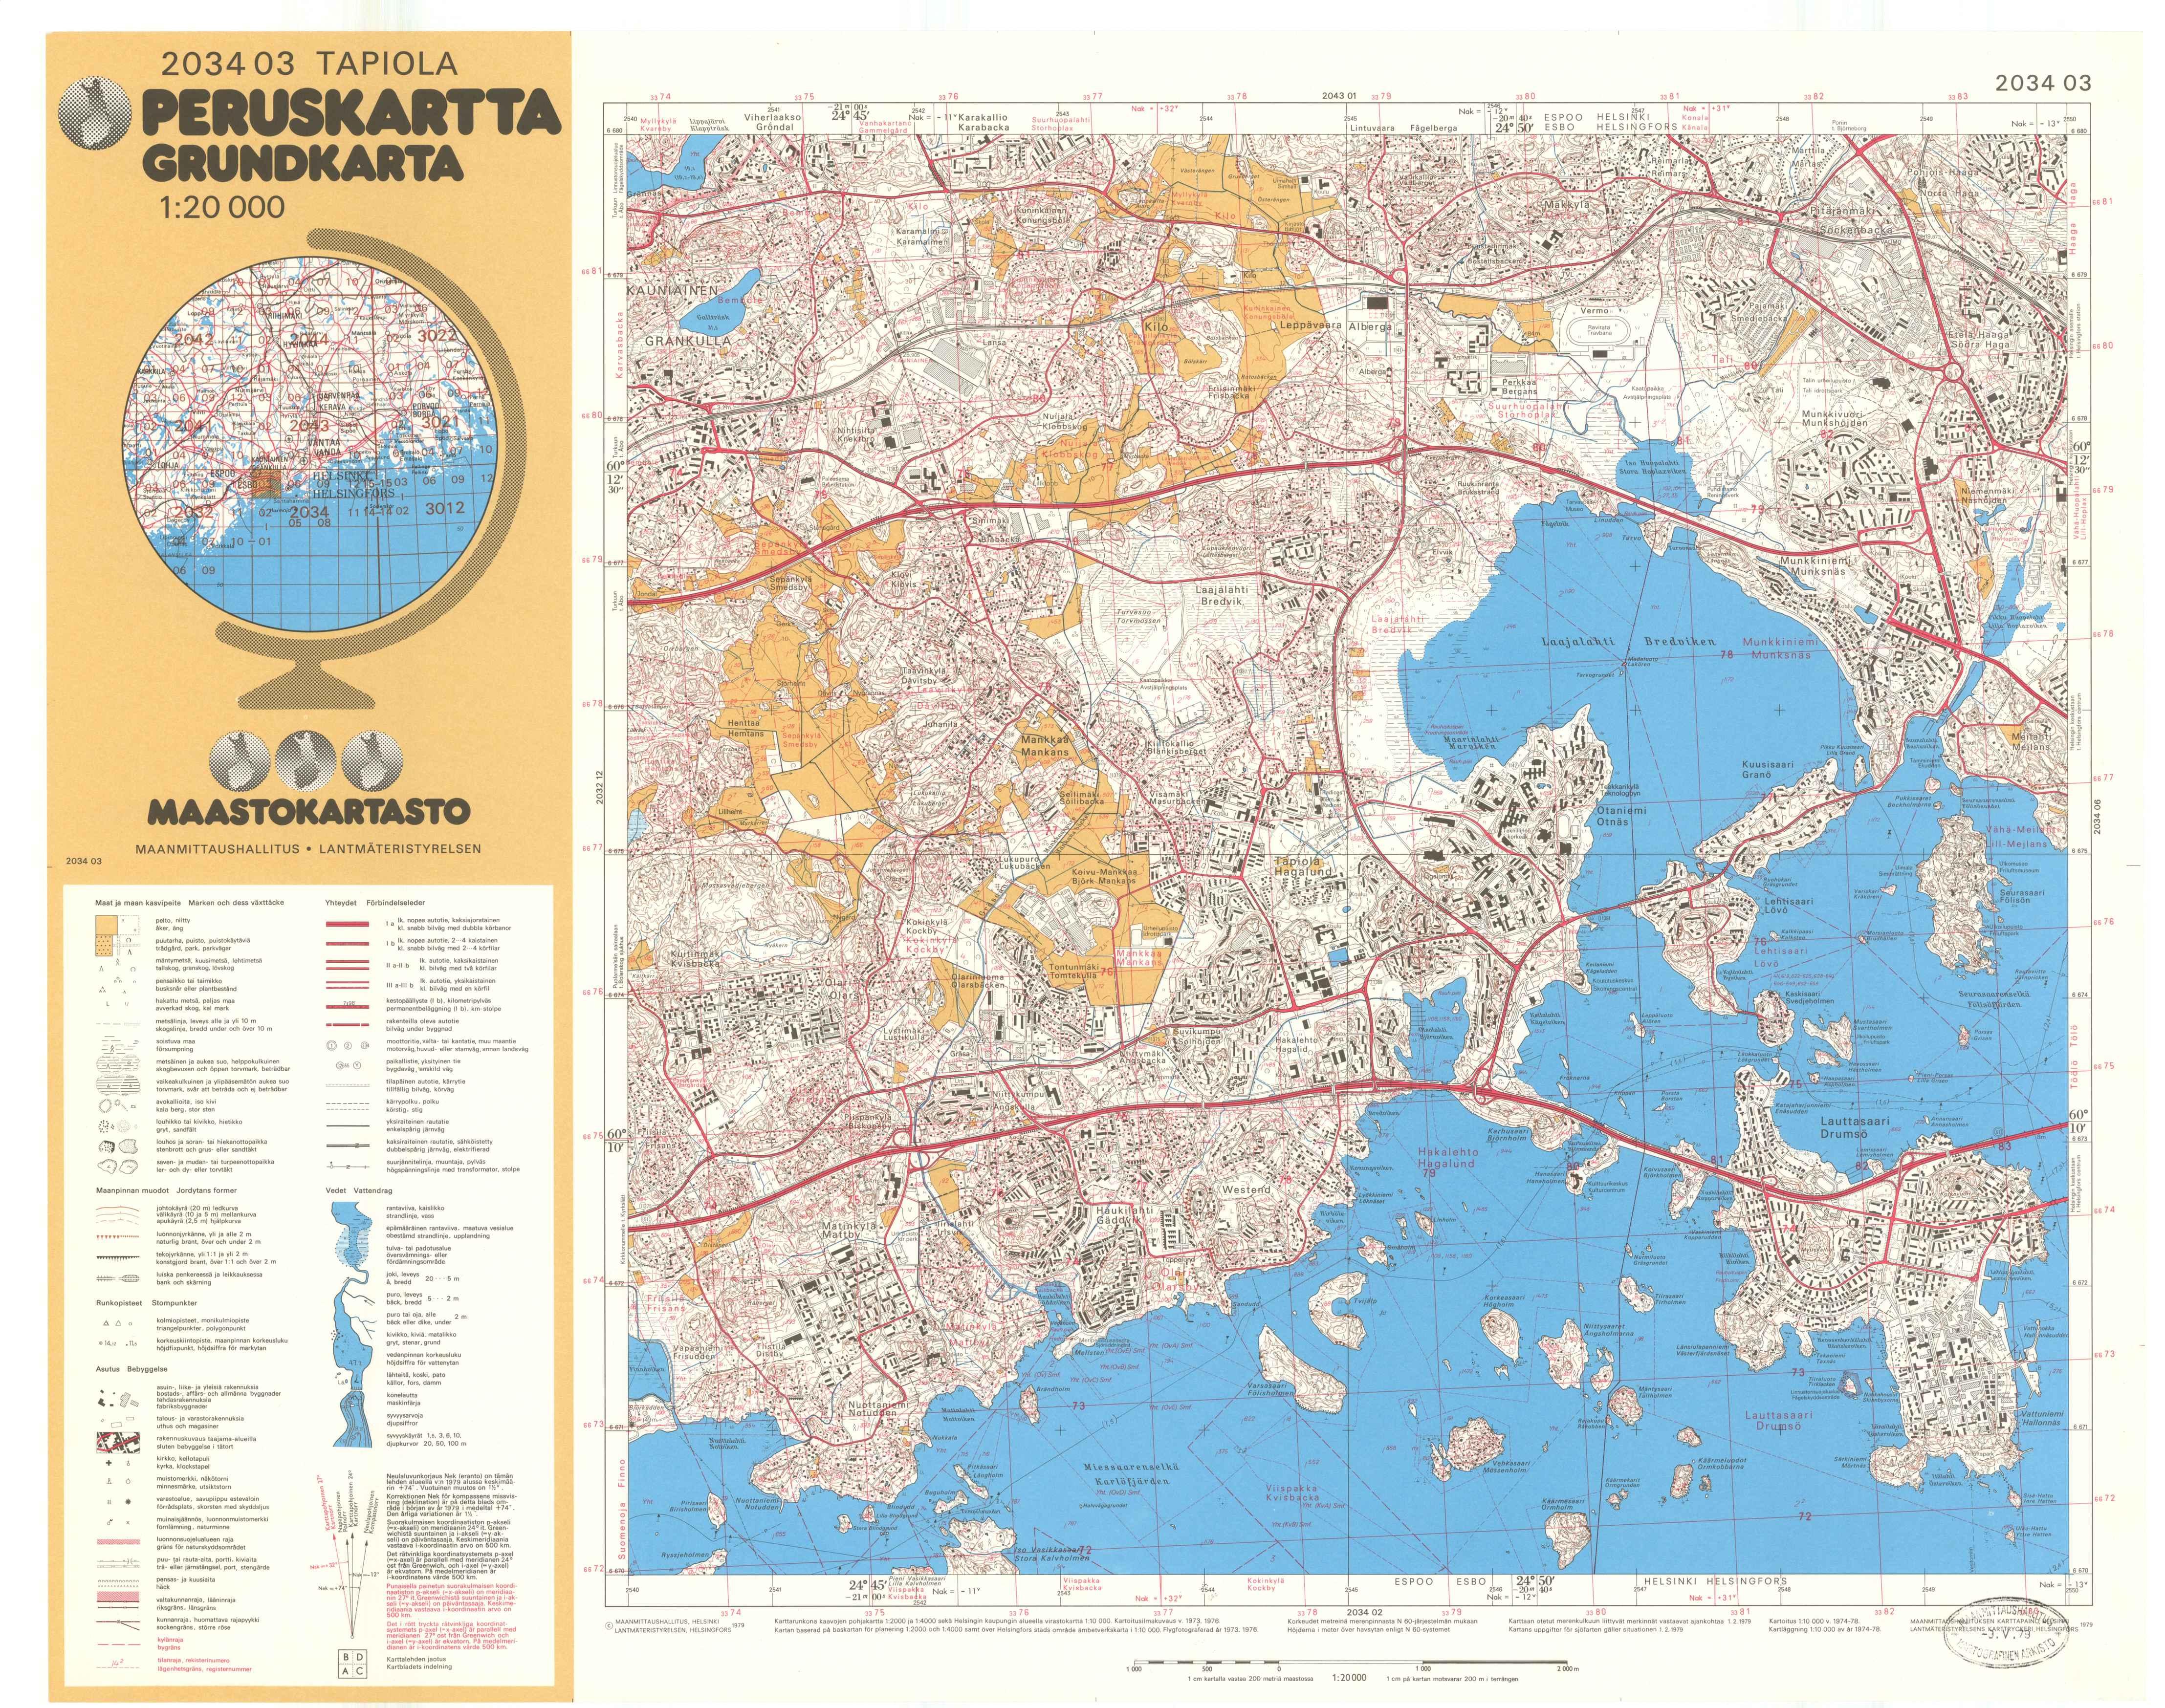 Kartta vuodelta 1979